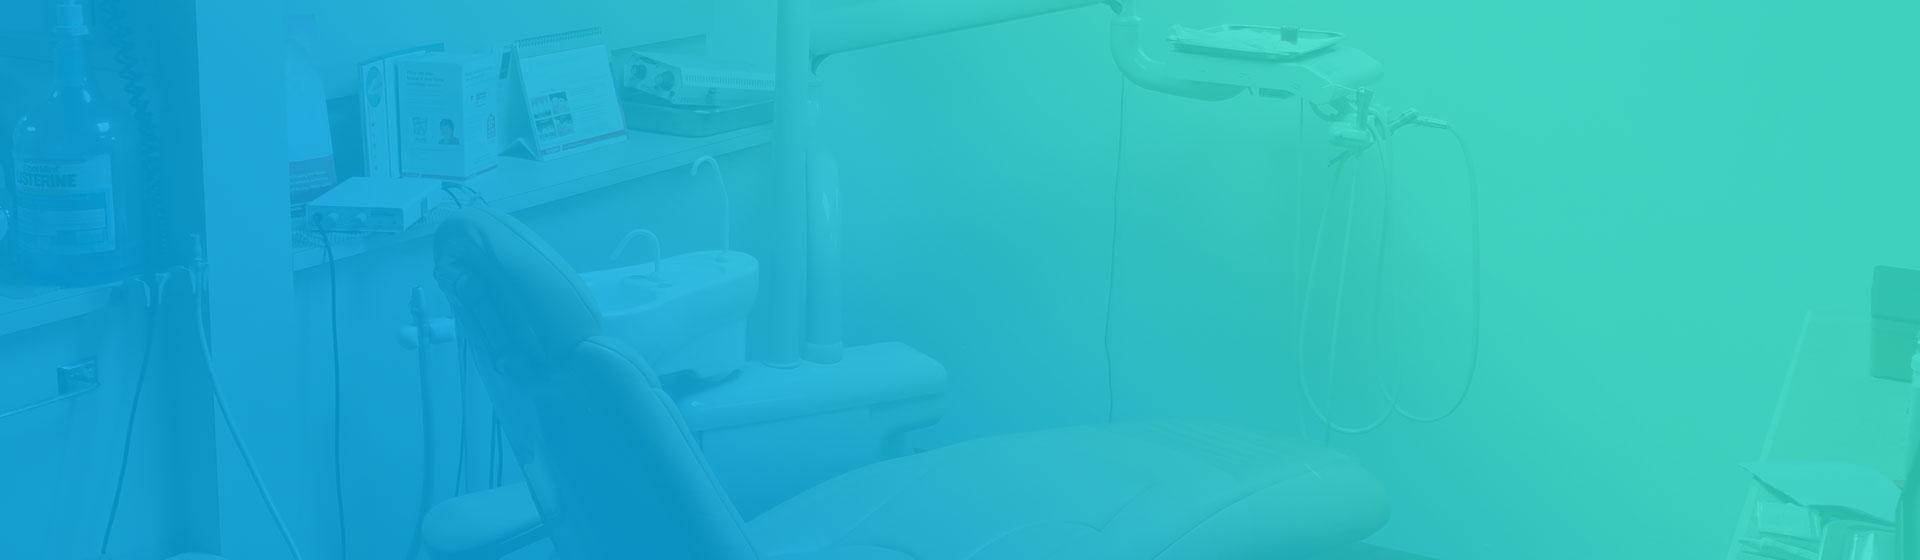 dentist-chair-bg3